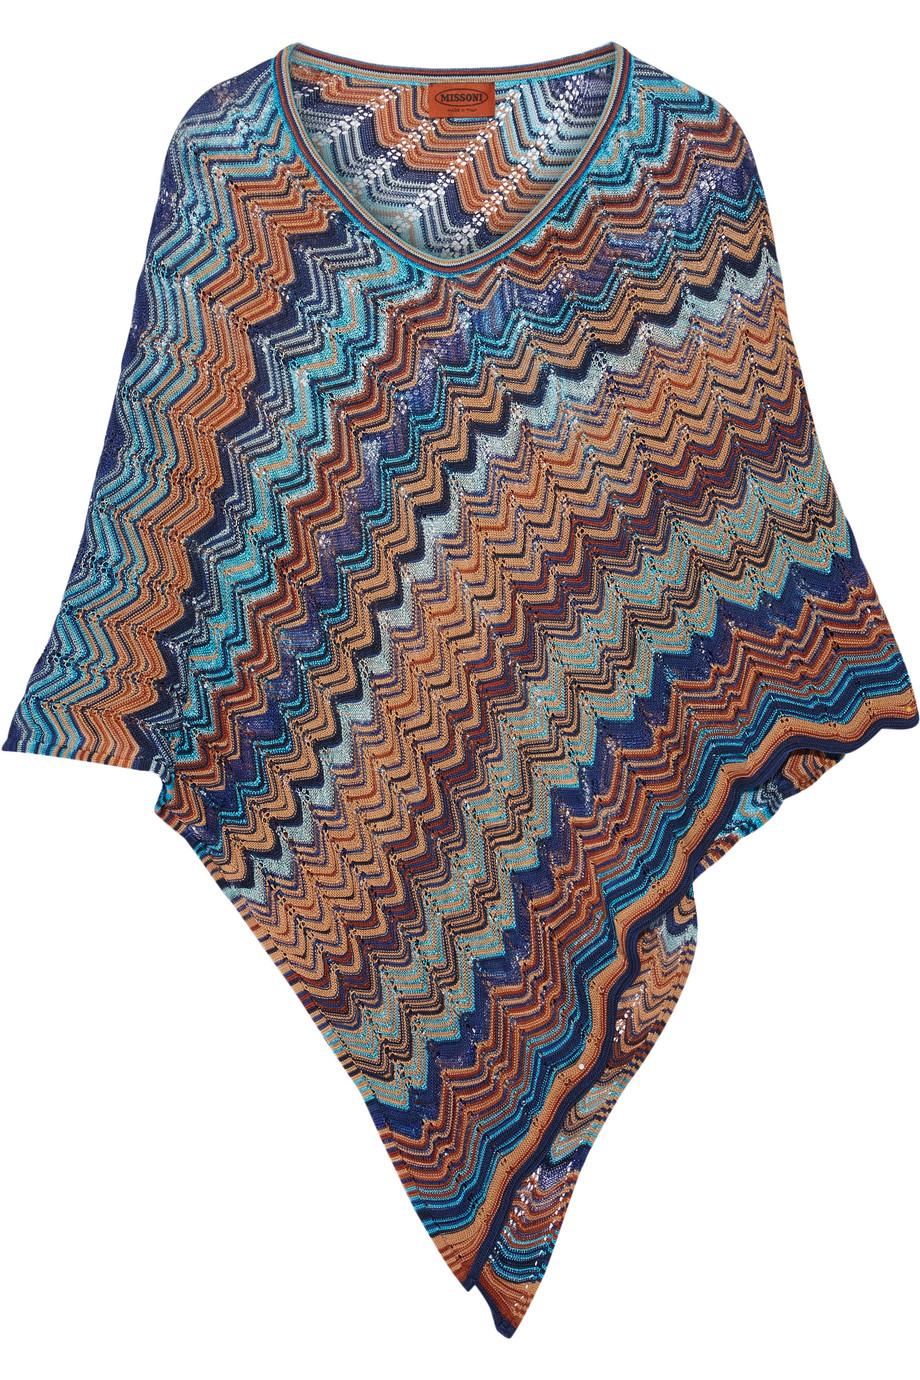 Missoni Crochet-Knit Cotton-Blend Poncho, Blue, Women's